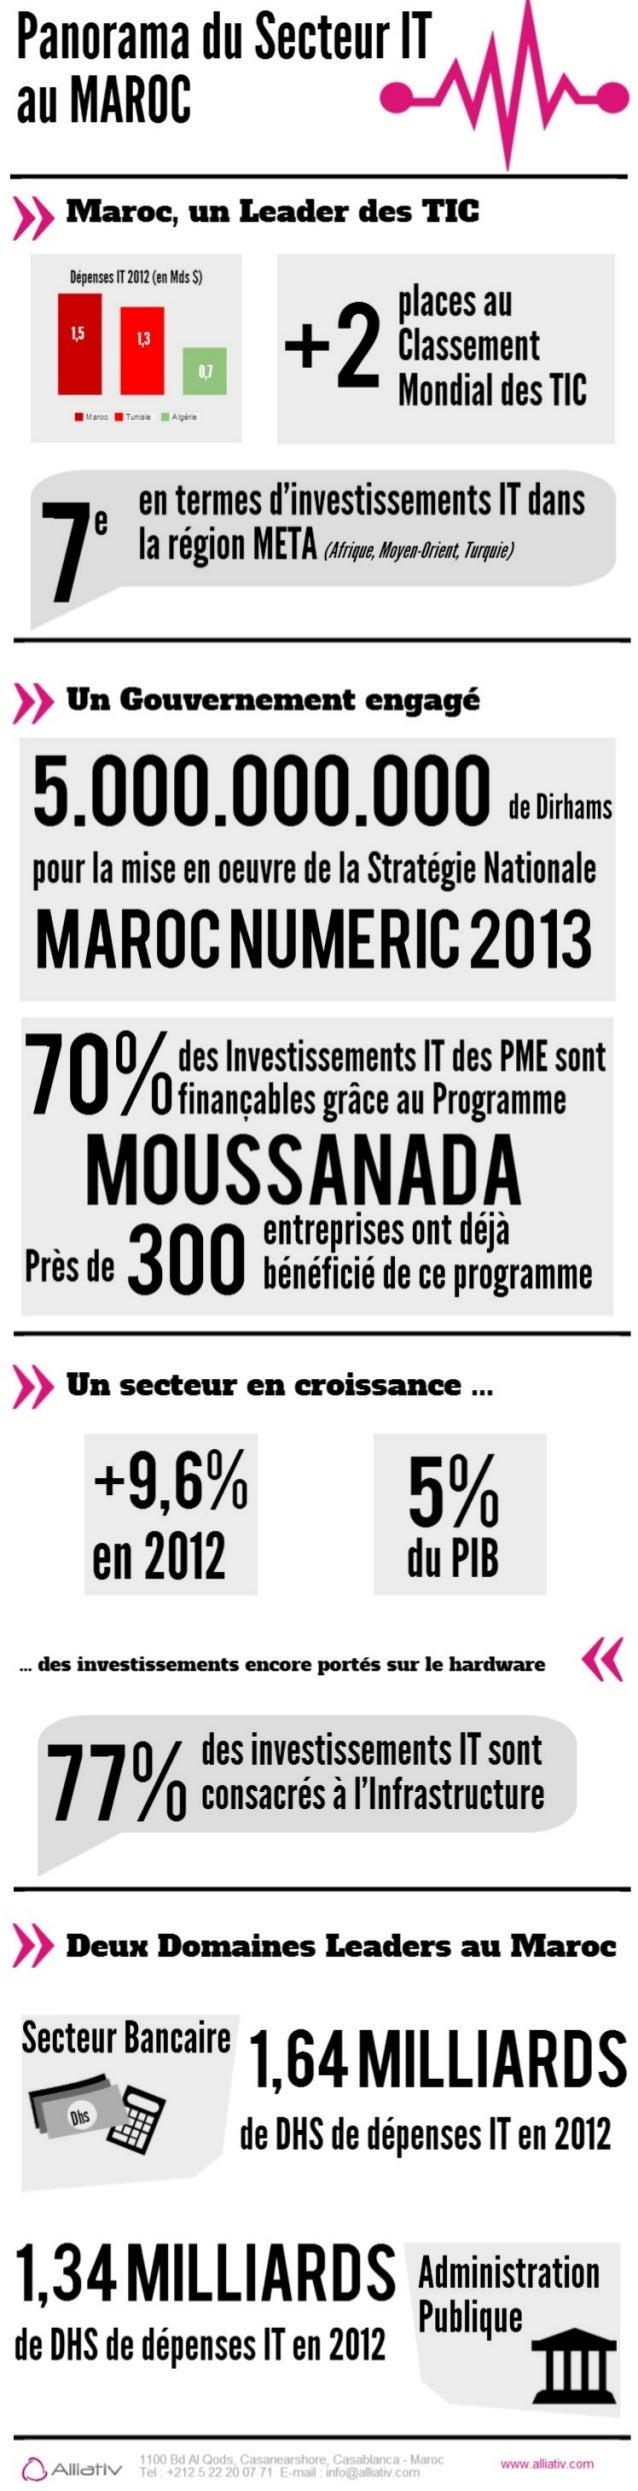 Panorama du secteur IT au Maroc